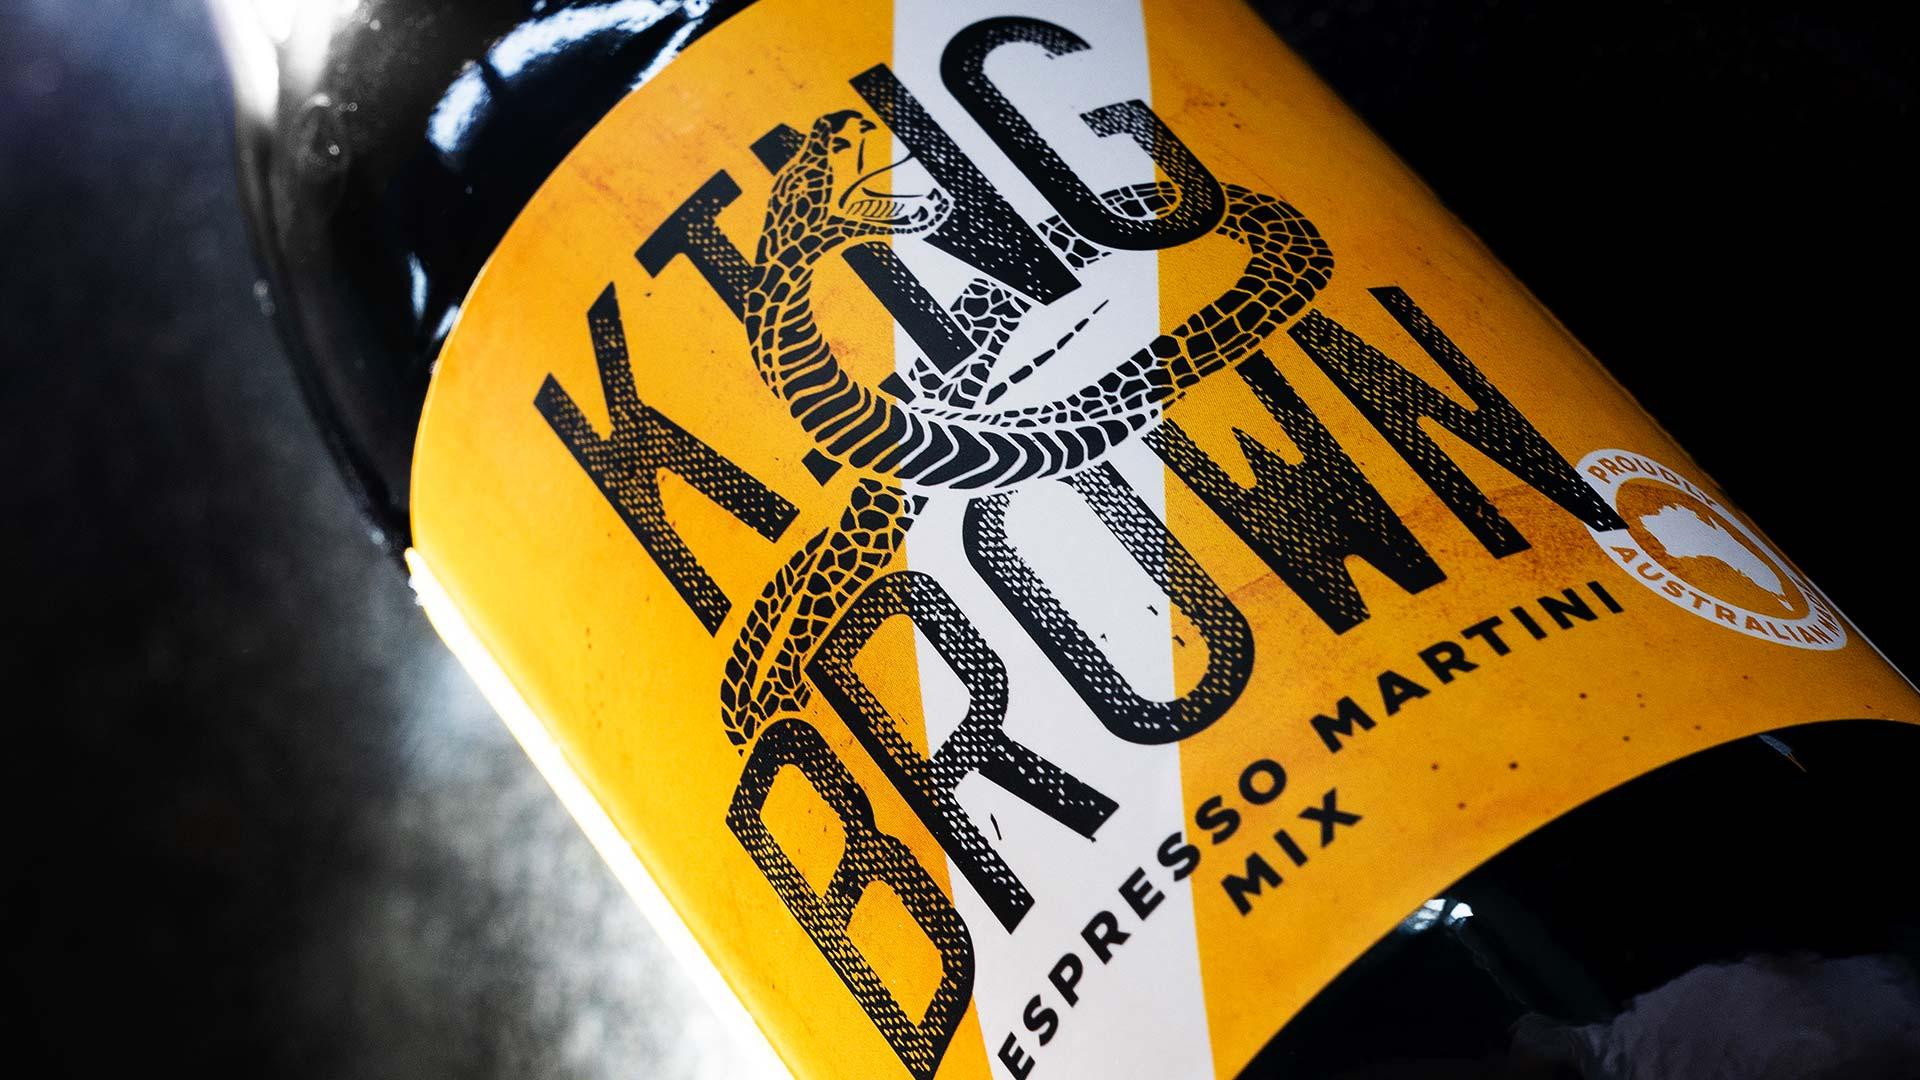 King Brown Espresso Martini Mix